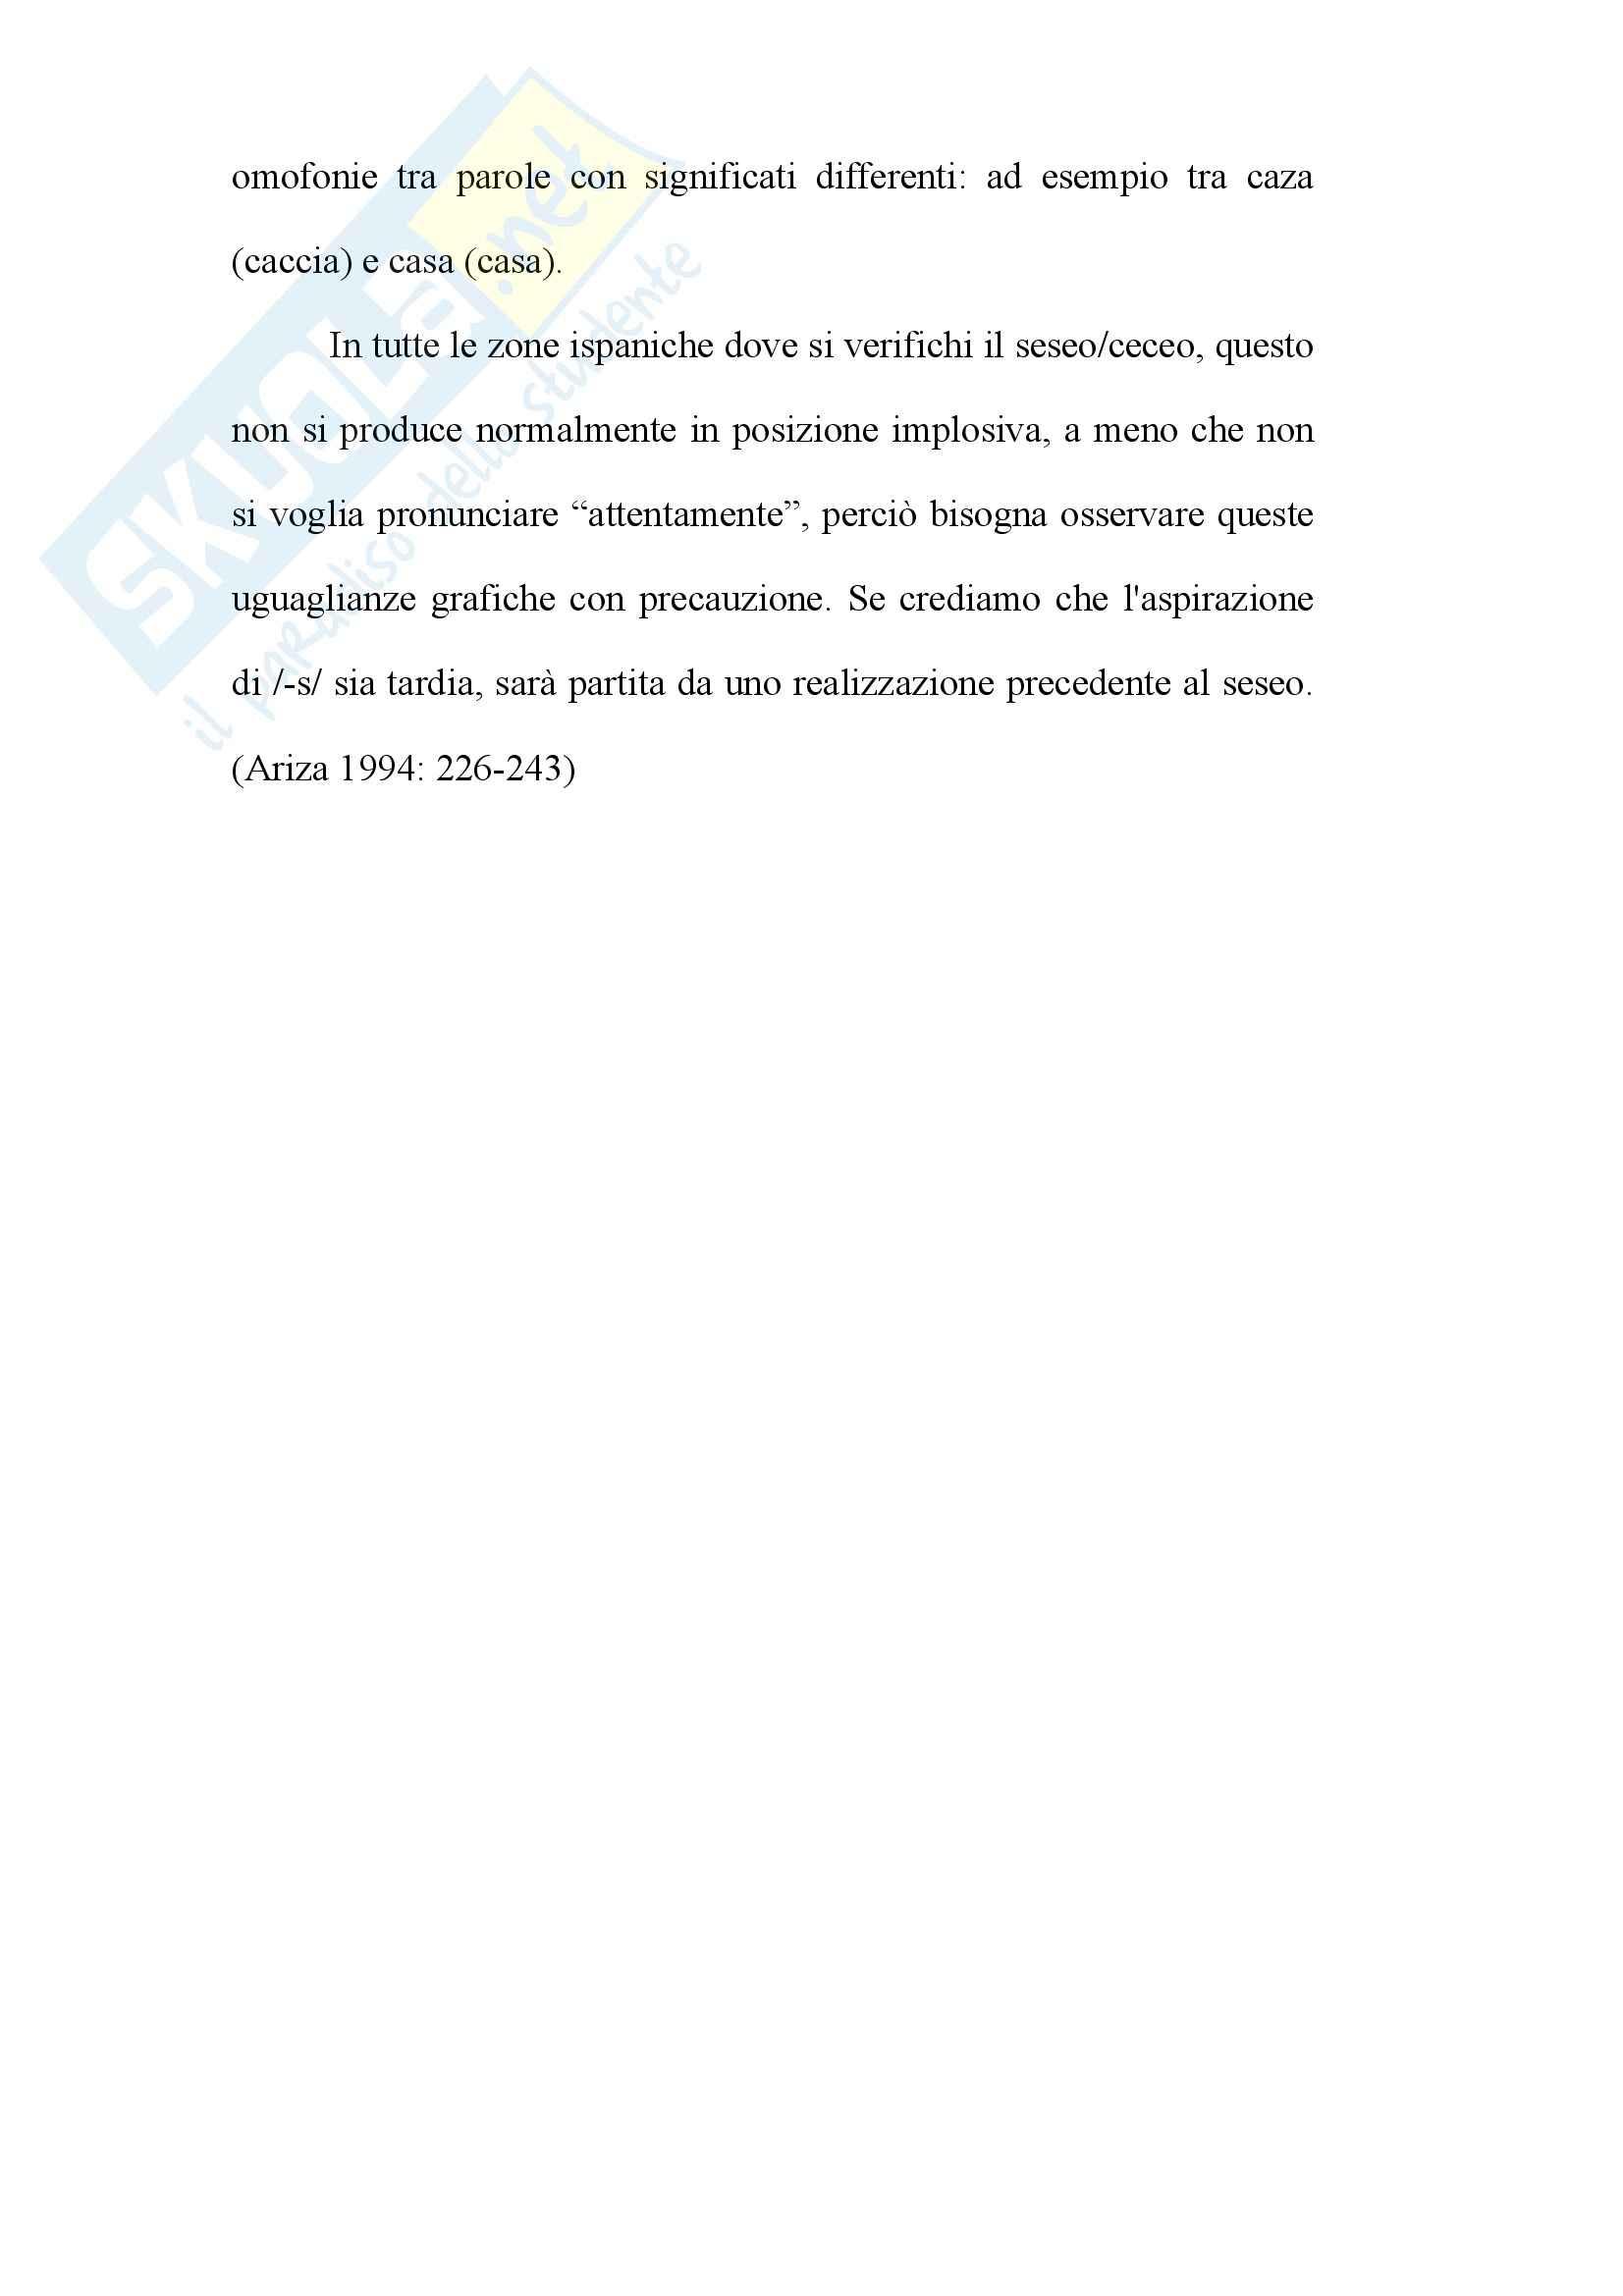 Tesi - L'aspirazione della -s implosiva nel dialetto Andaluso Pag. 6